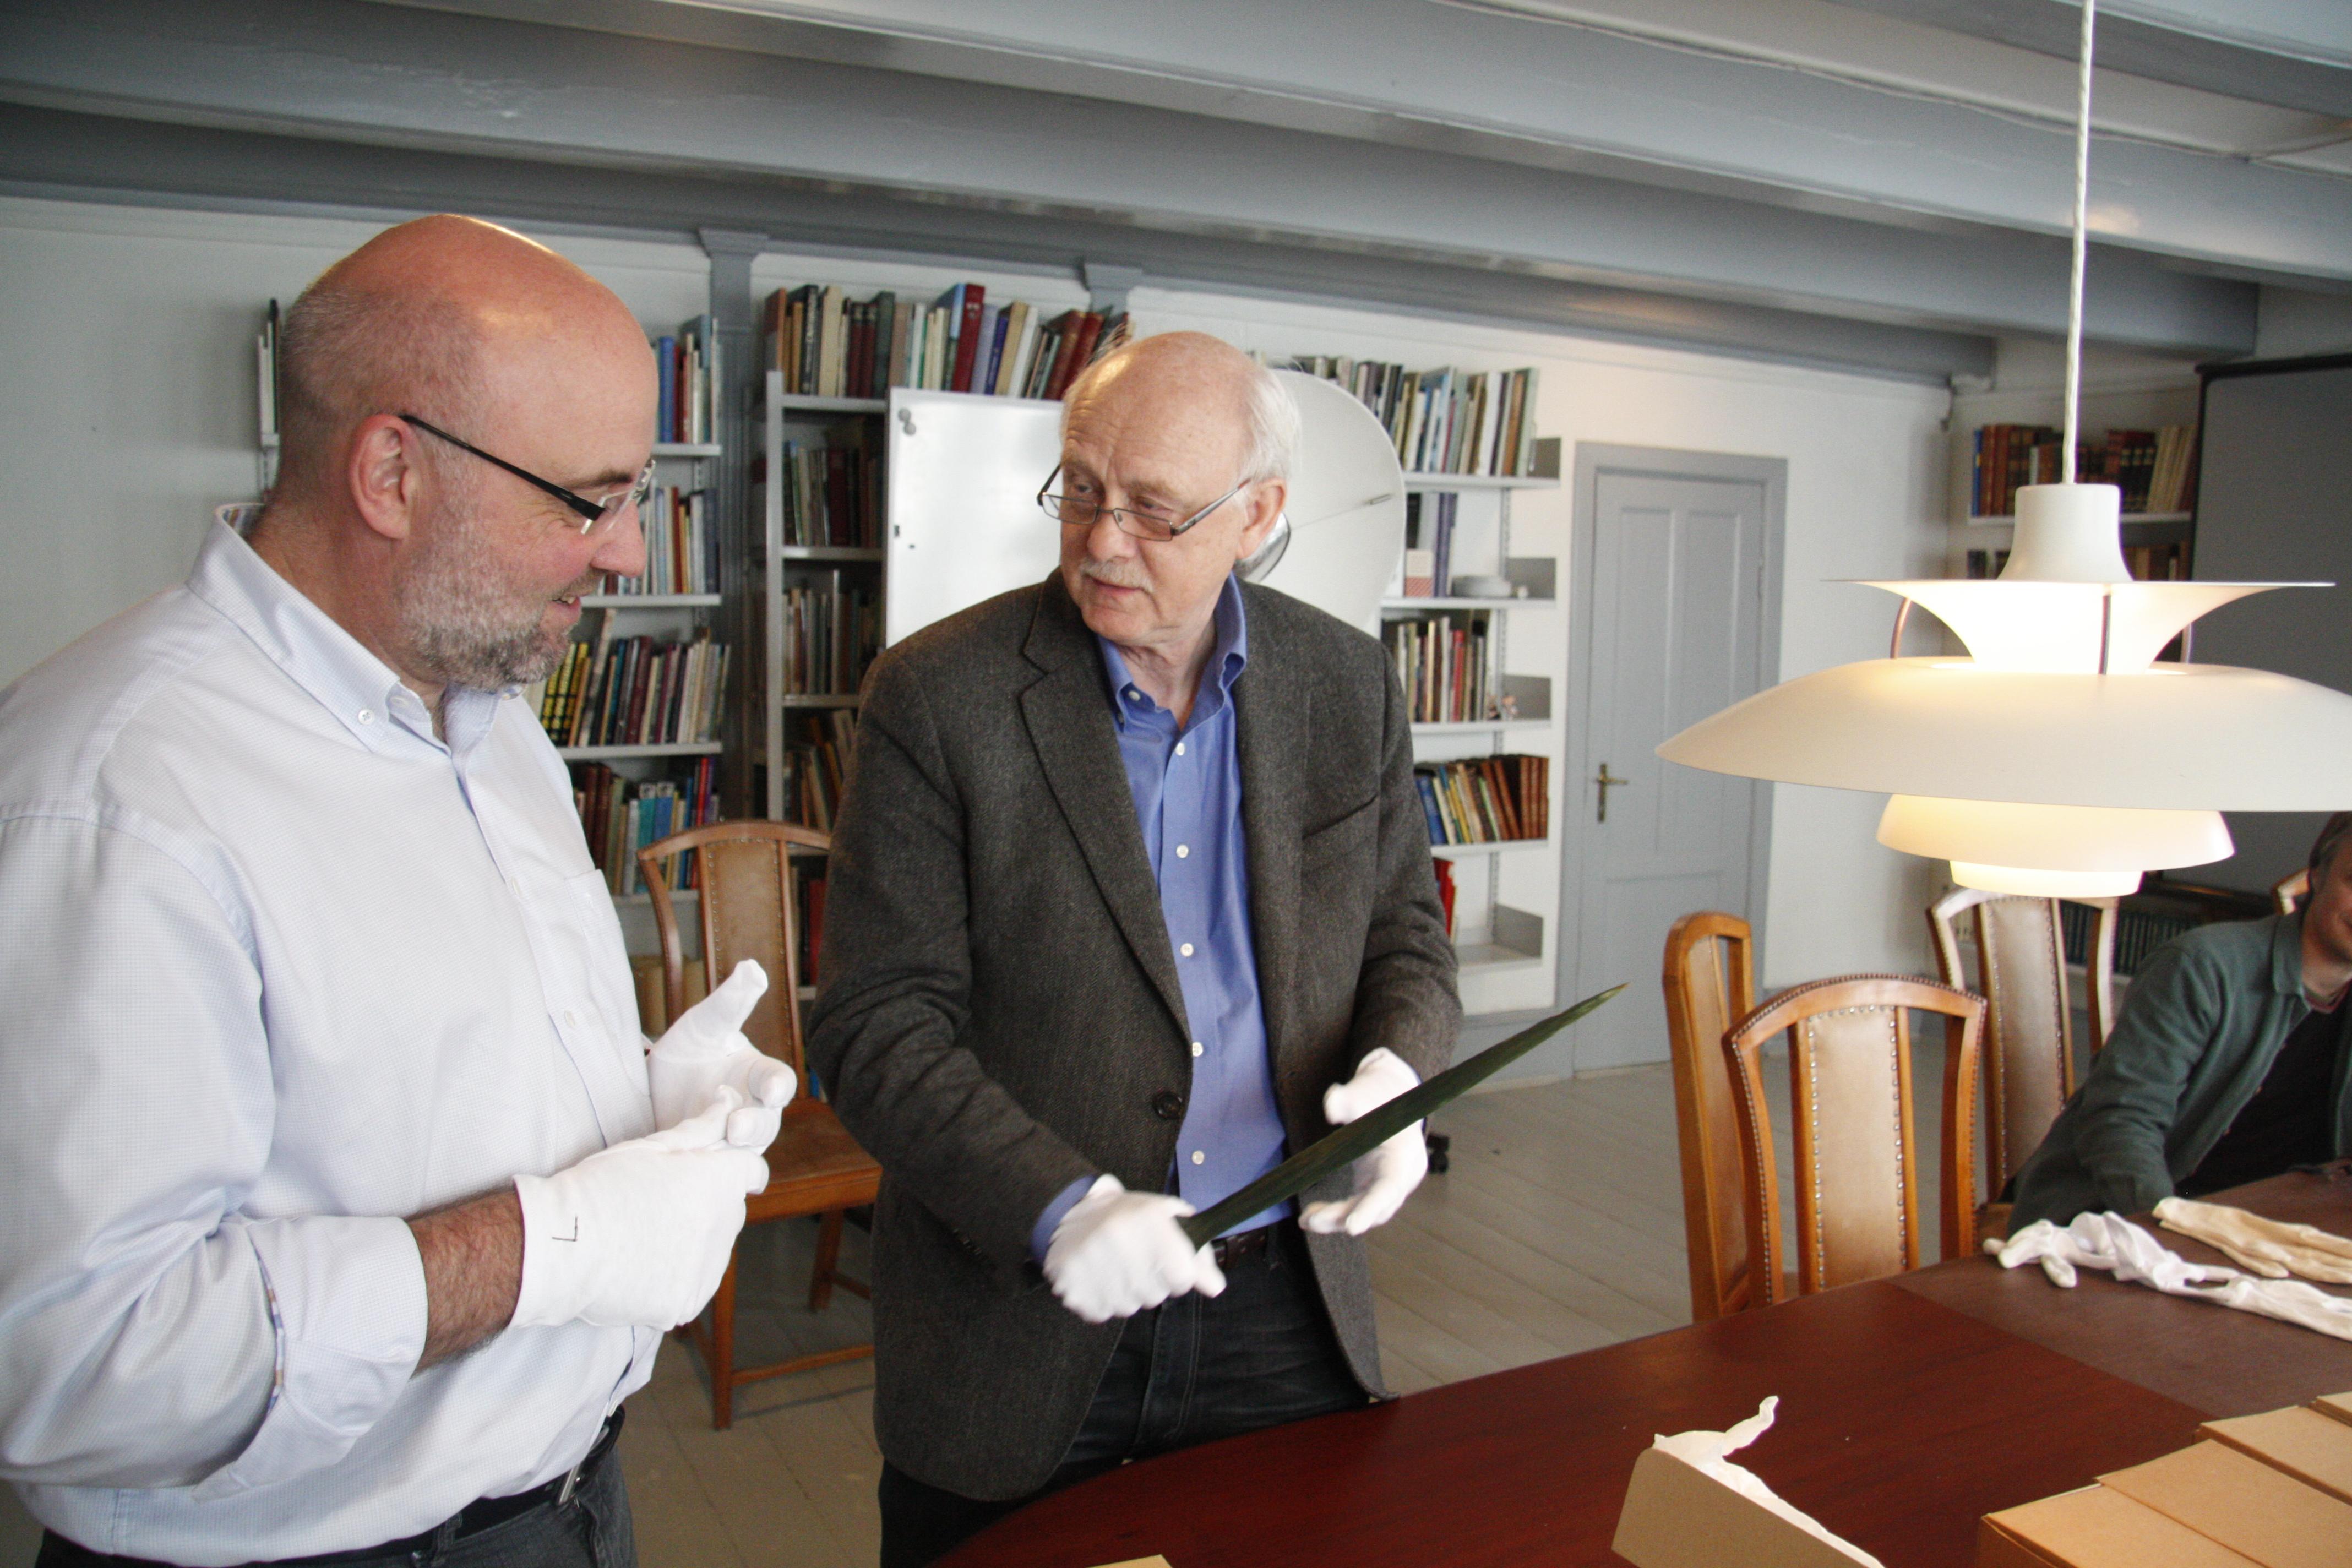 К. Кристиансен с мечом в норвежском музее Thisted. В этом музее хранится самая большая коллекция мечей.